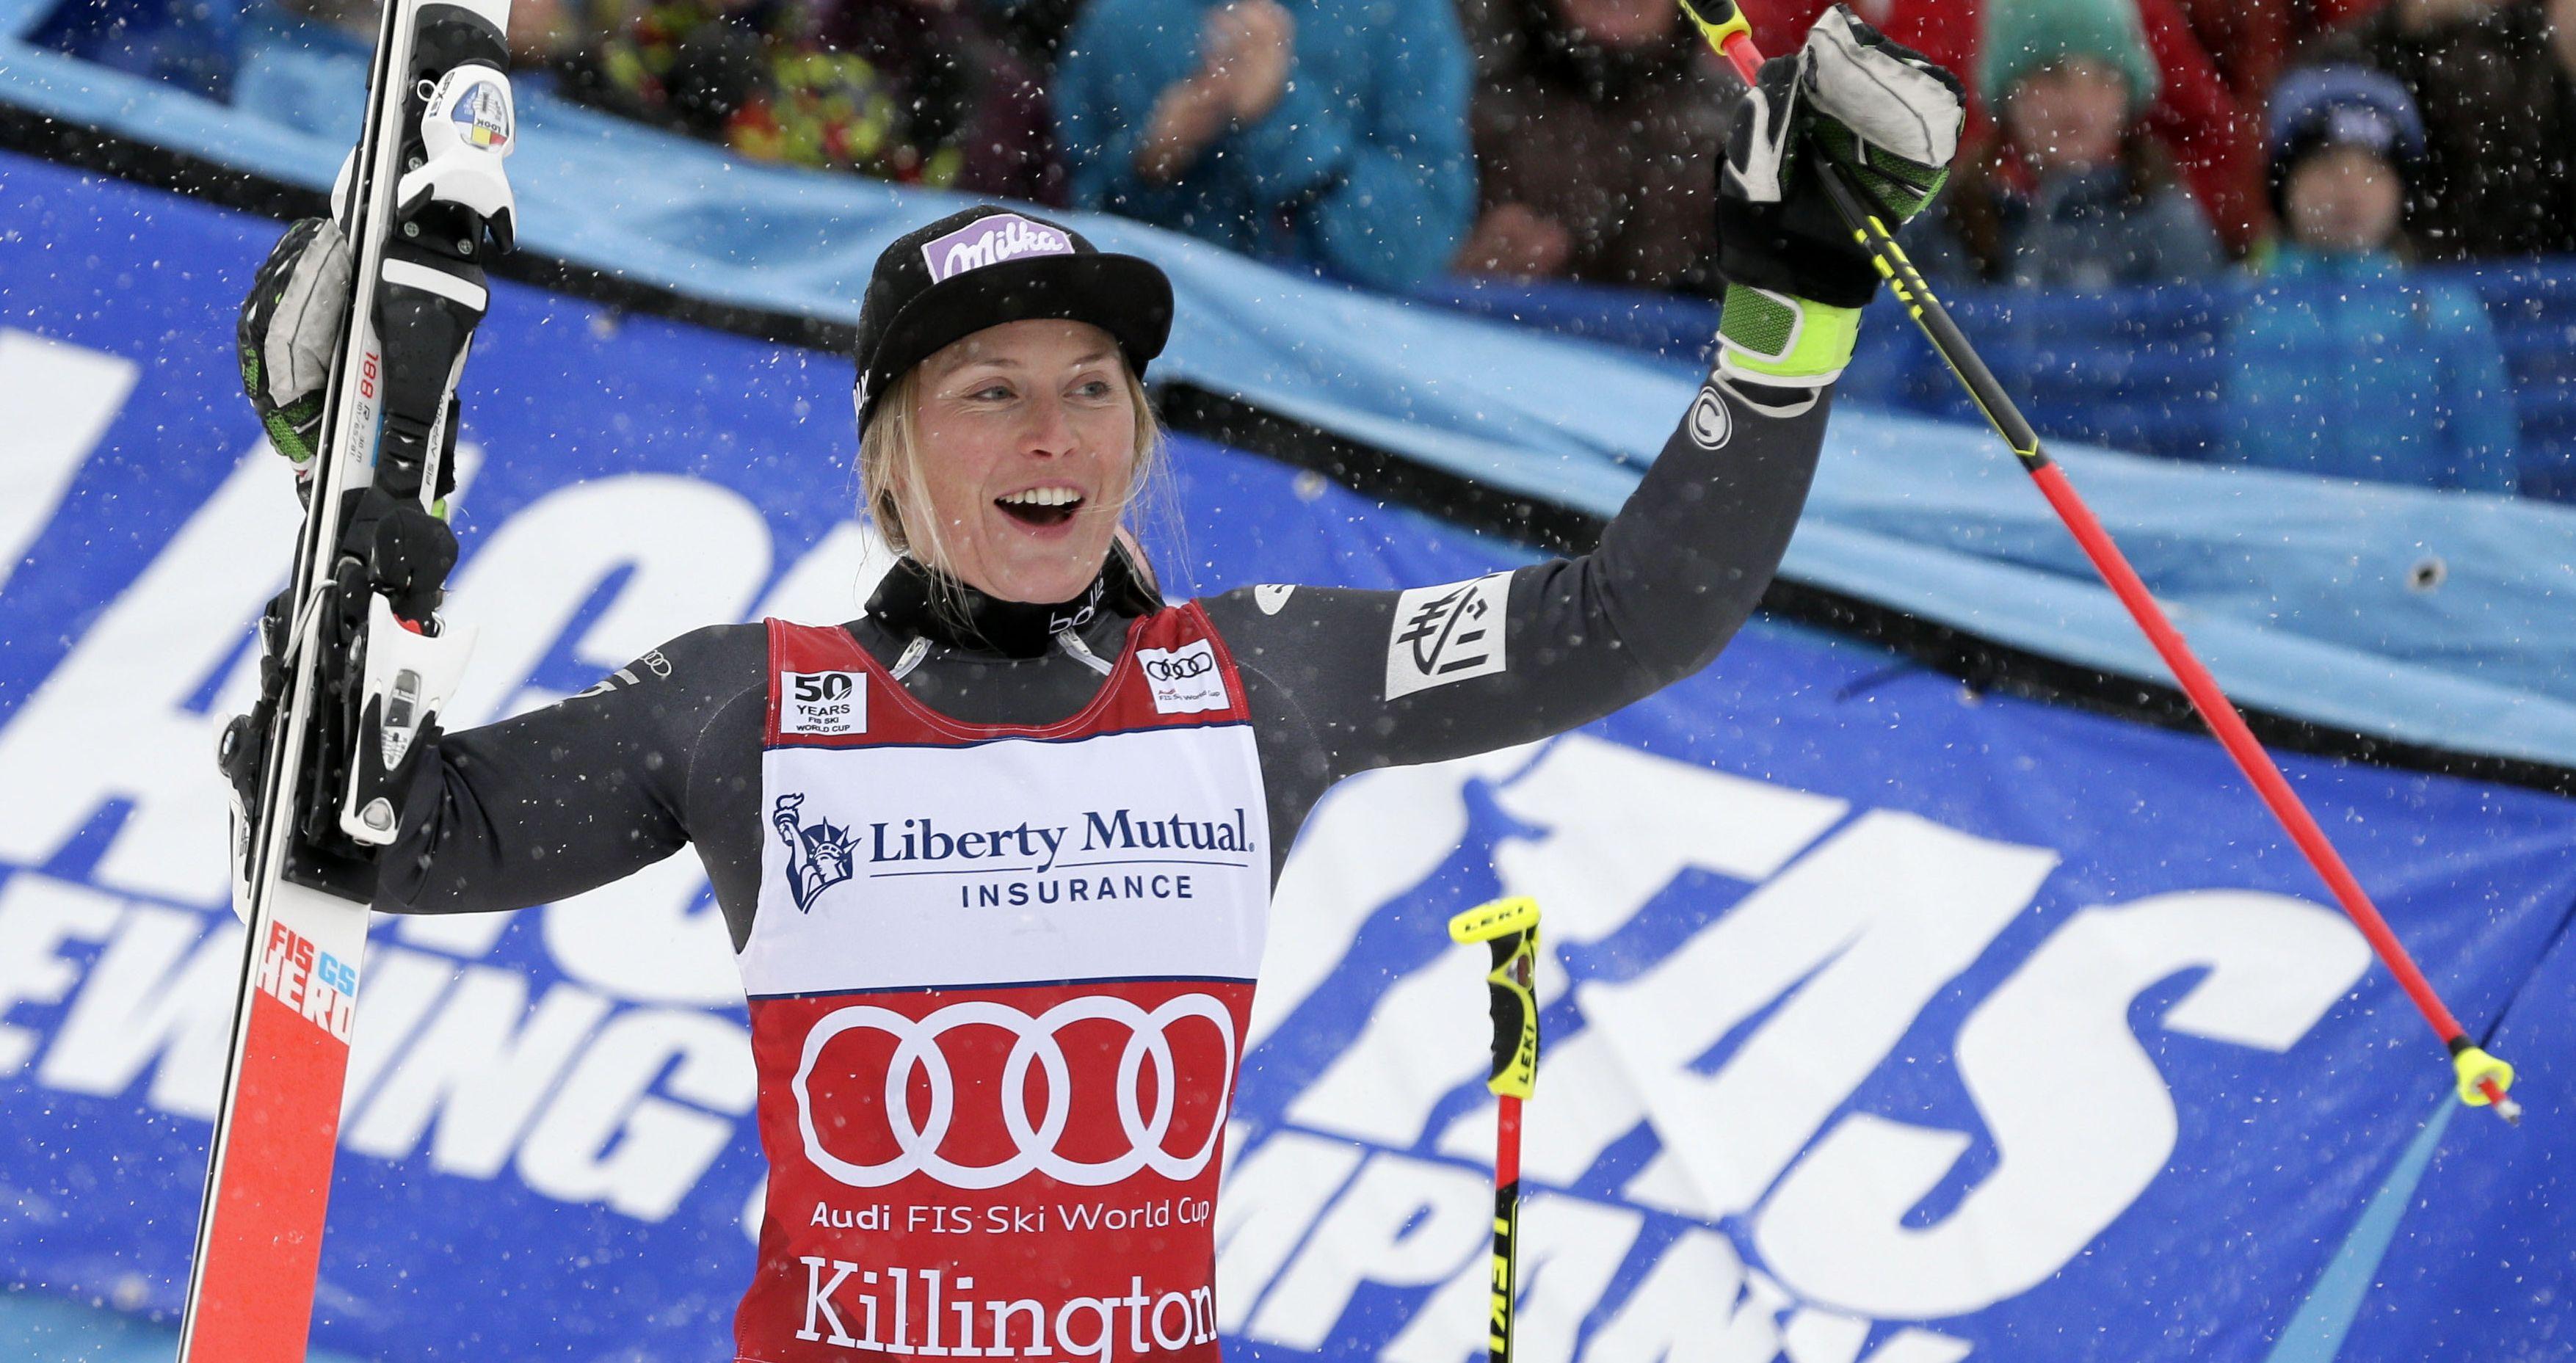 Sports d'hiver - Worley renoue avec les sommets